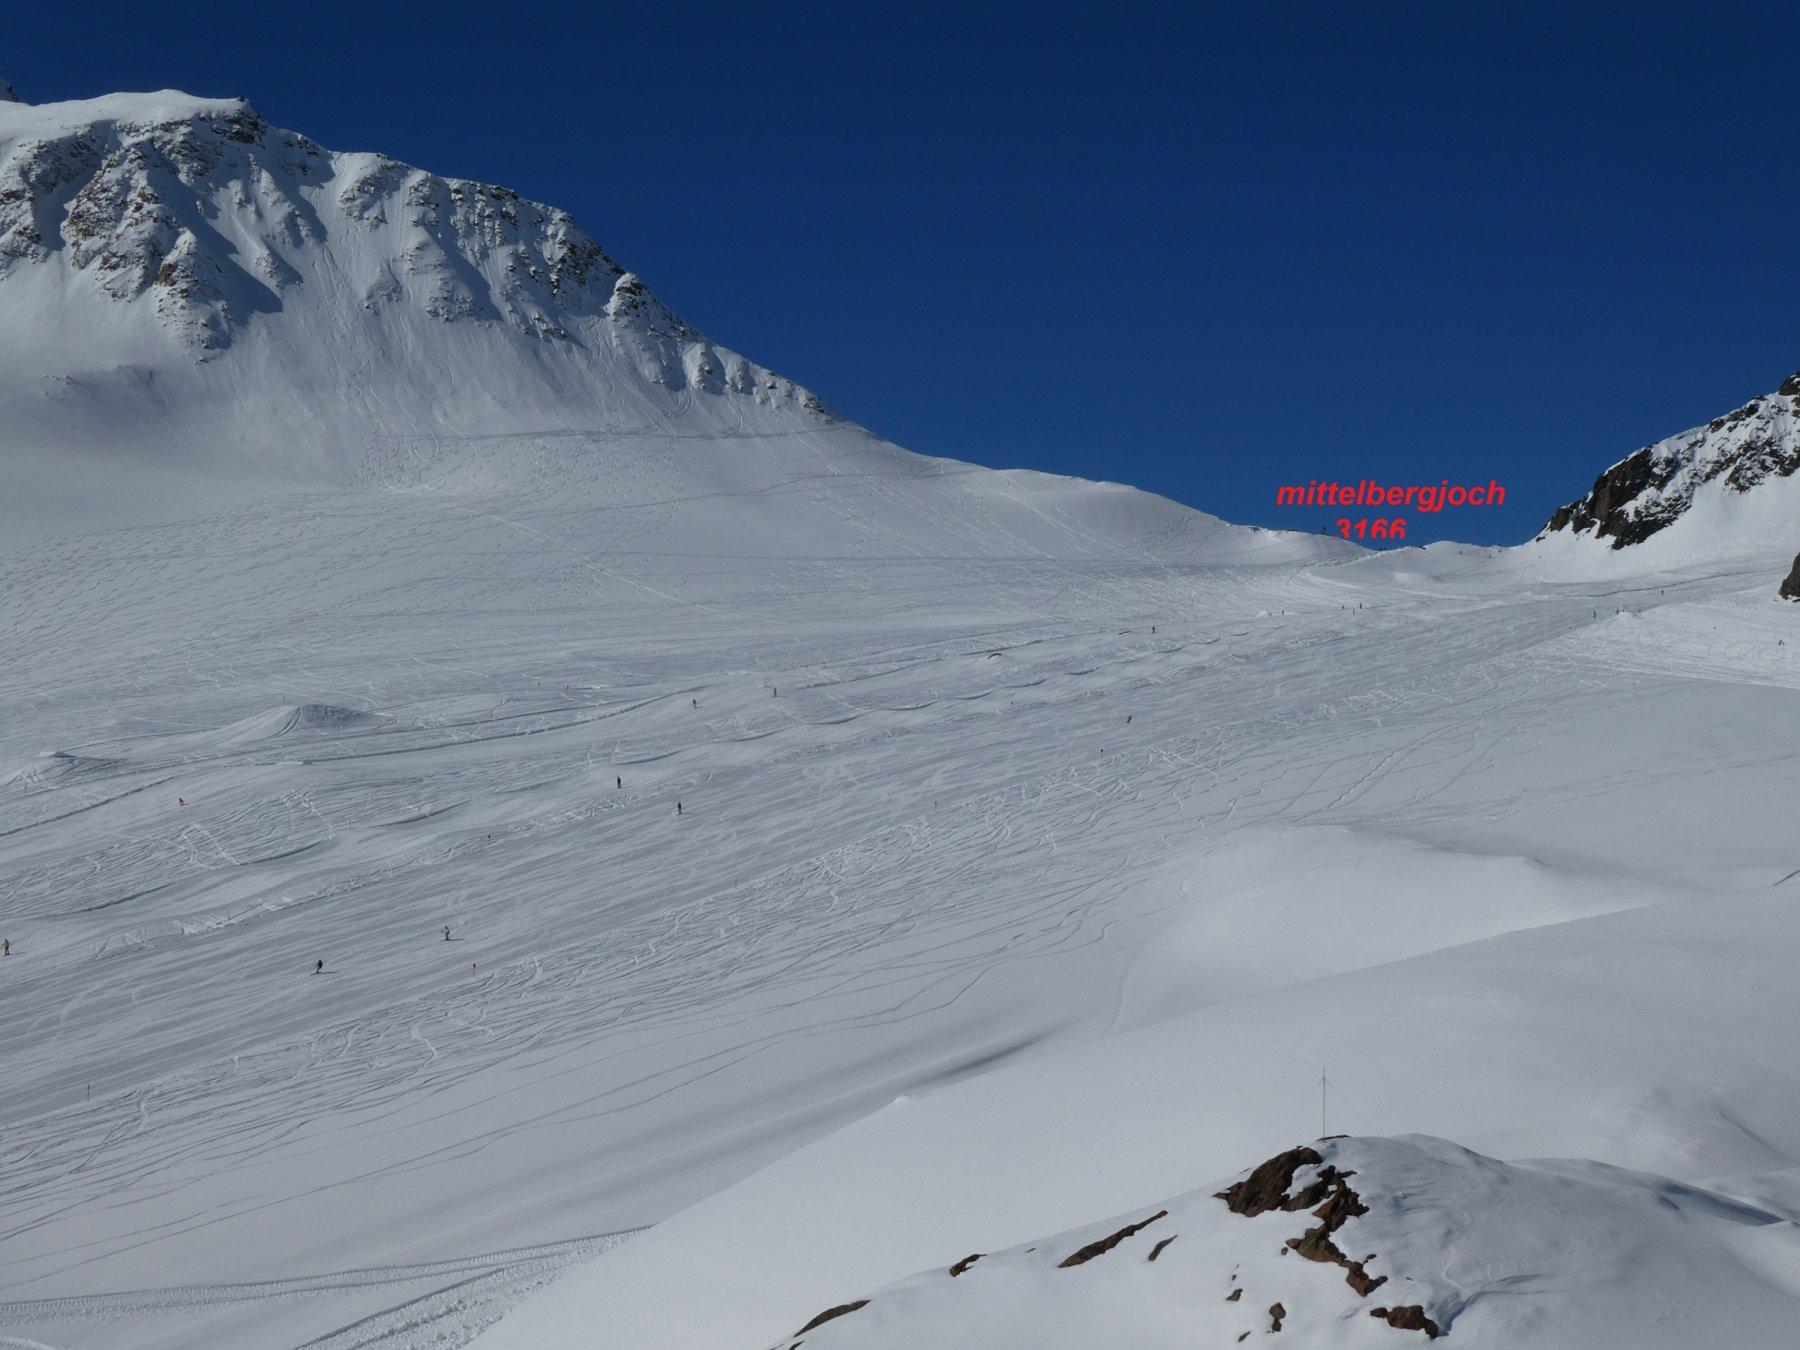 salendo sulla cabinovia in fondo il passaggio dalle piste al tratto scialpinistico